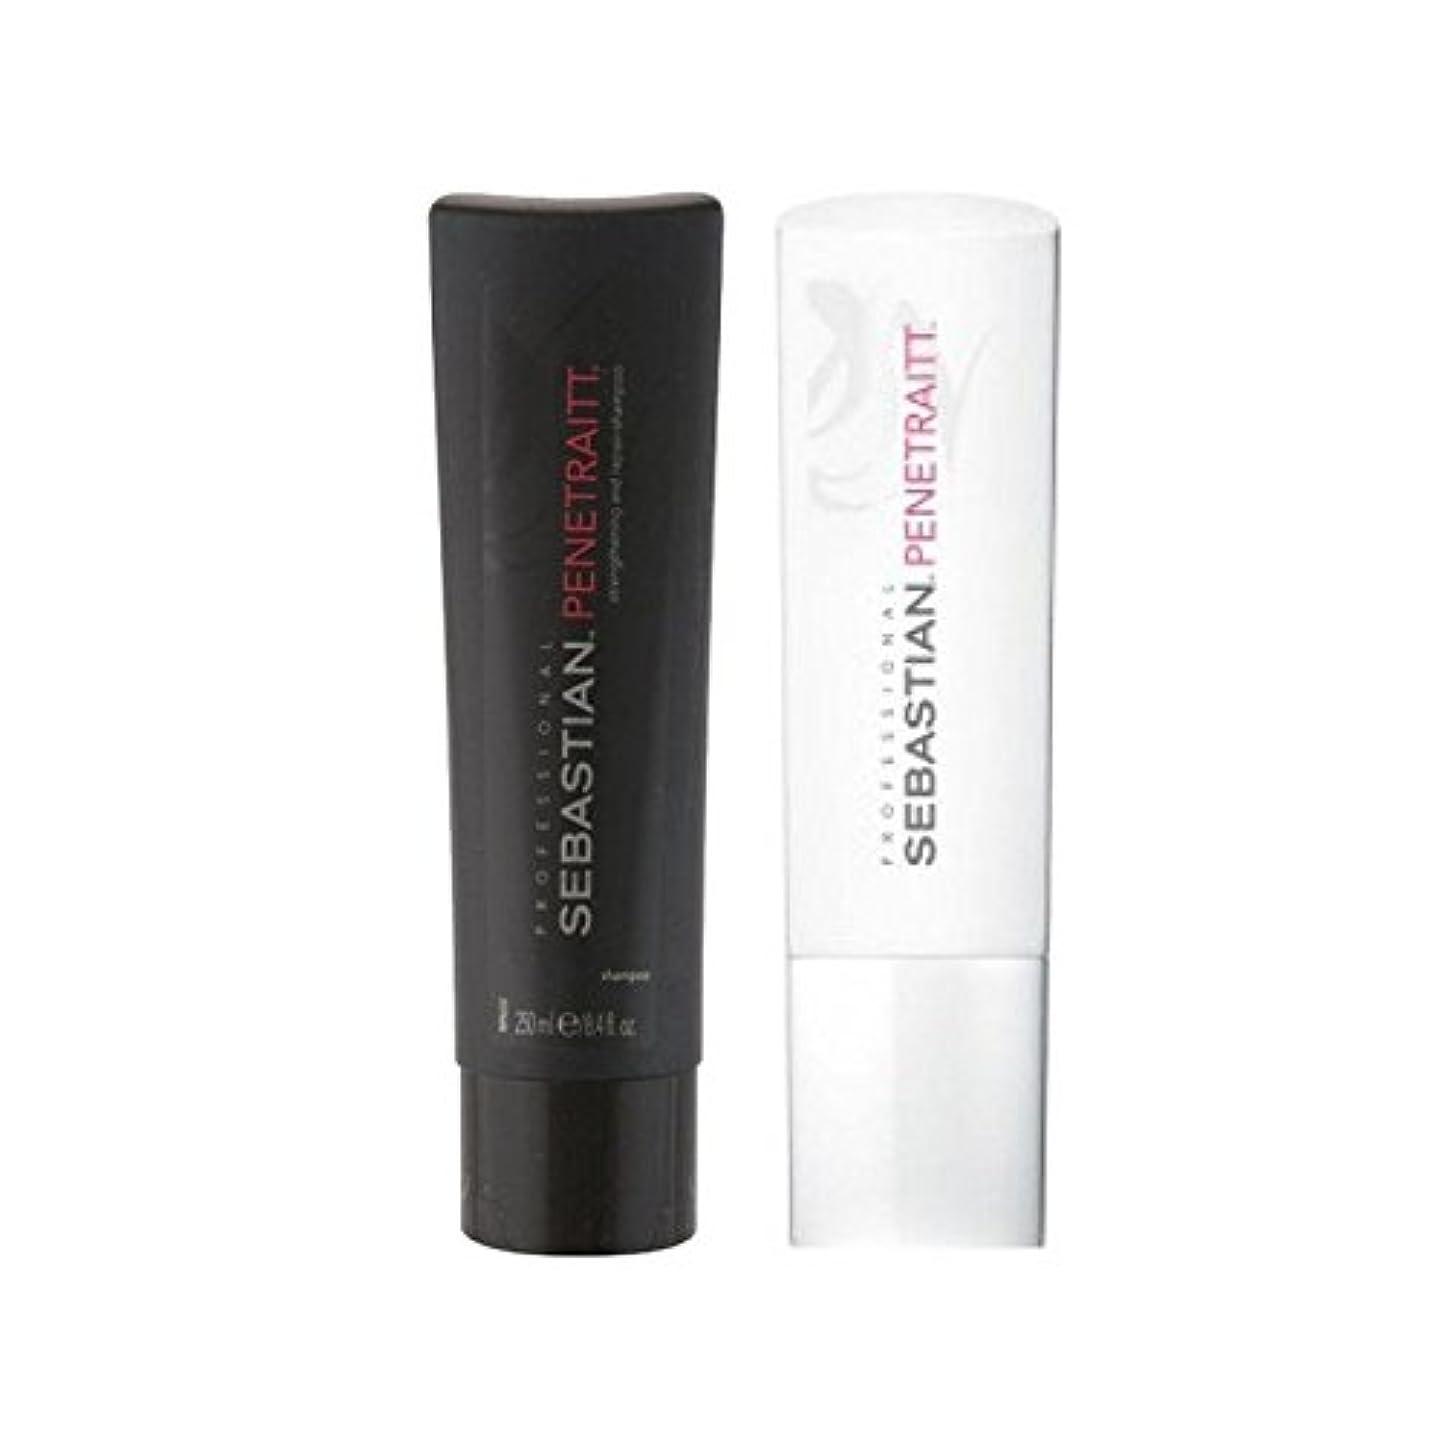 予防接種保険冗談でセバスチャンプロデュオ - シャンプー&コンディショナー x2 - Sebastian Professional Penetraitt Duo - Shampoo & Conditioner (Pack of 2) [並行輸入品]